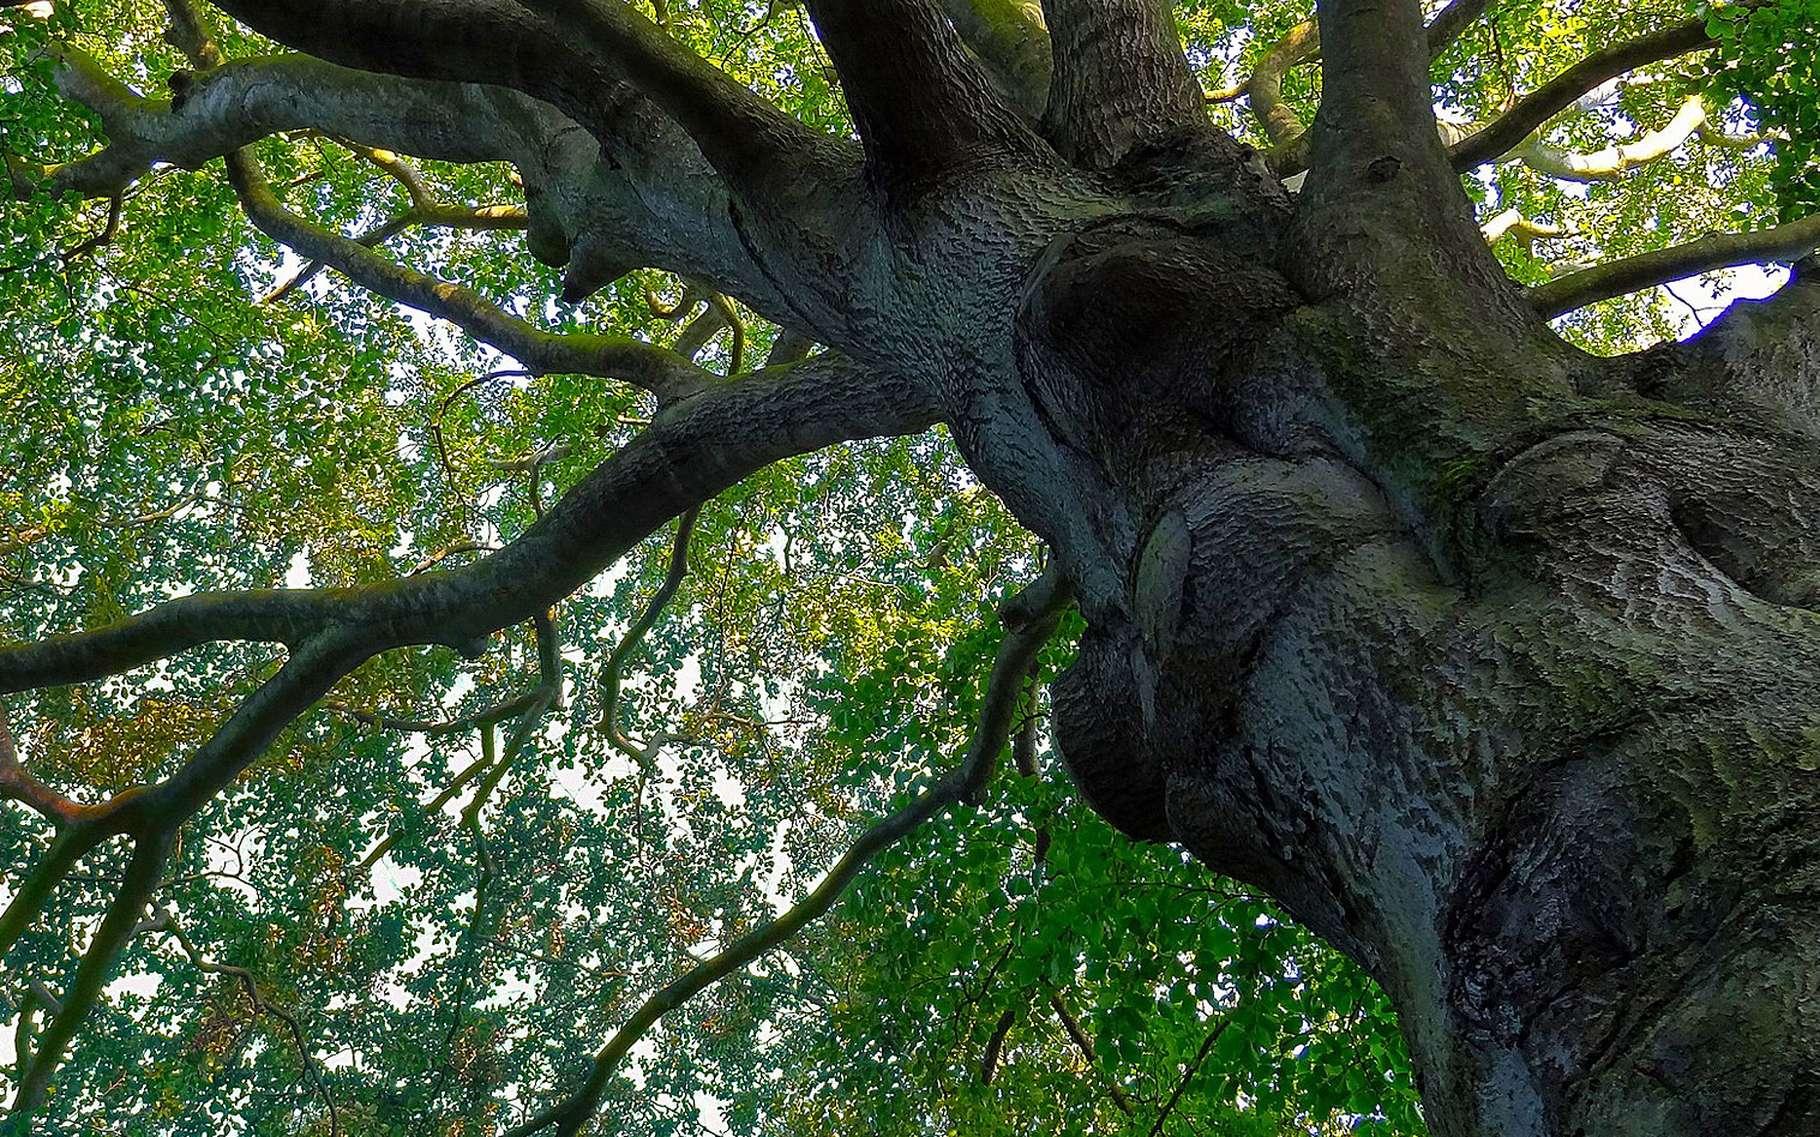 Forêt de hêtres. © Nikanos licence Creative Commons Paternité – Partage des conditions initiales à l'identique 2.5 générique